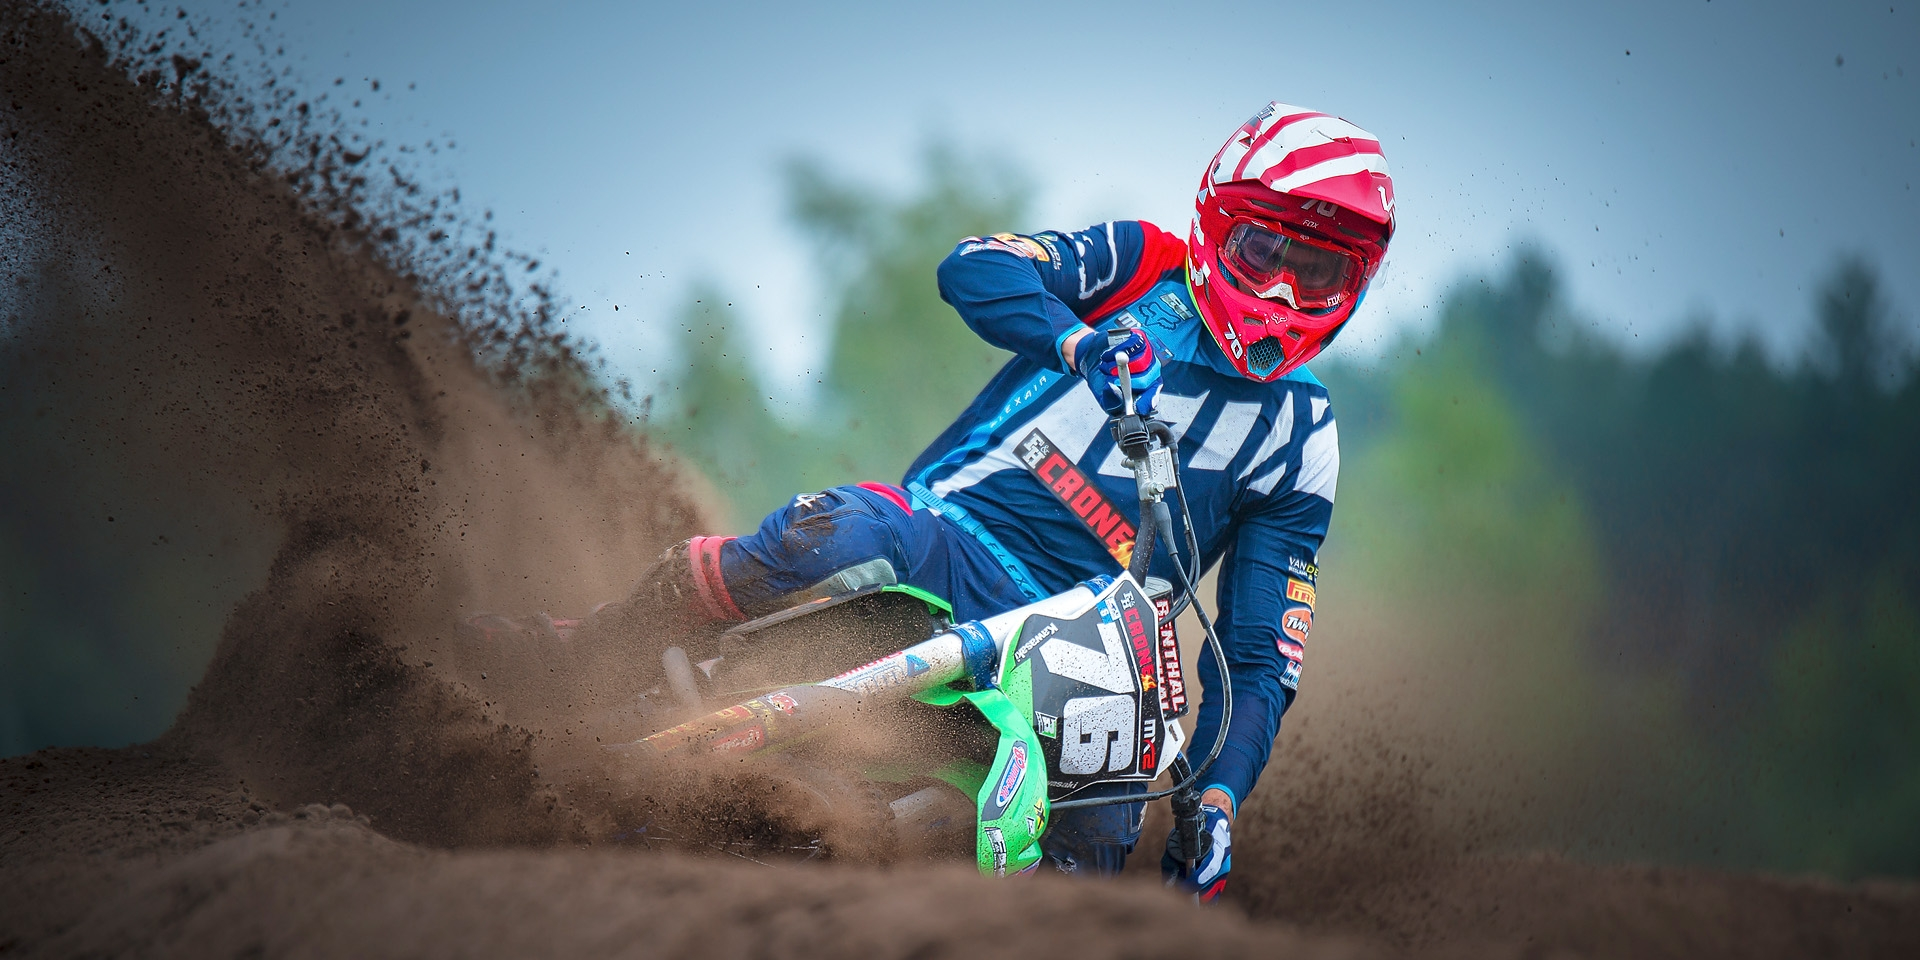 137584 30-08-2017-Motopark Nieuw Zevenbergen SRMV www.sportplaatje.nl copy